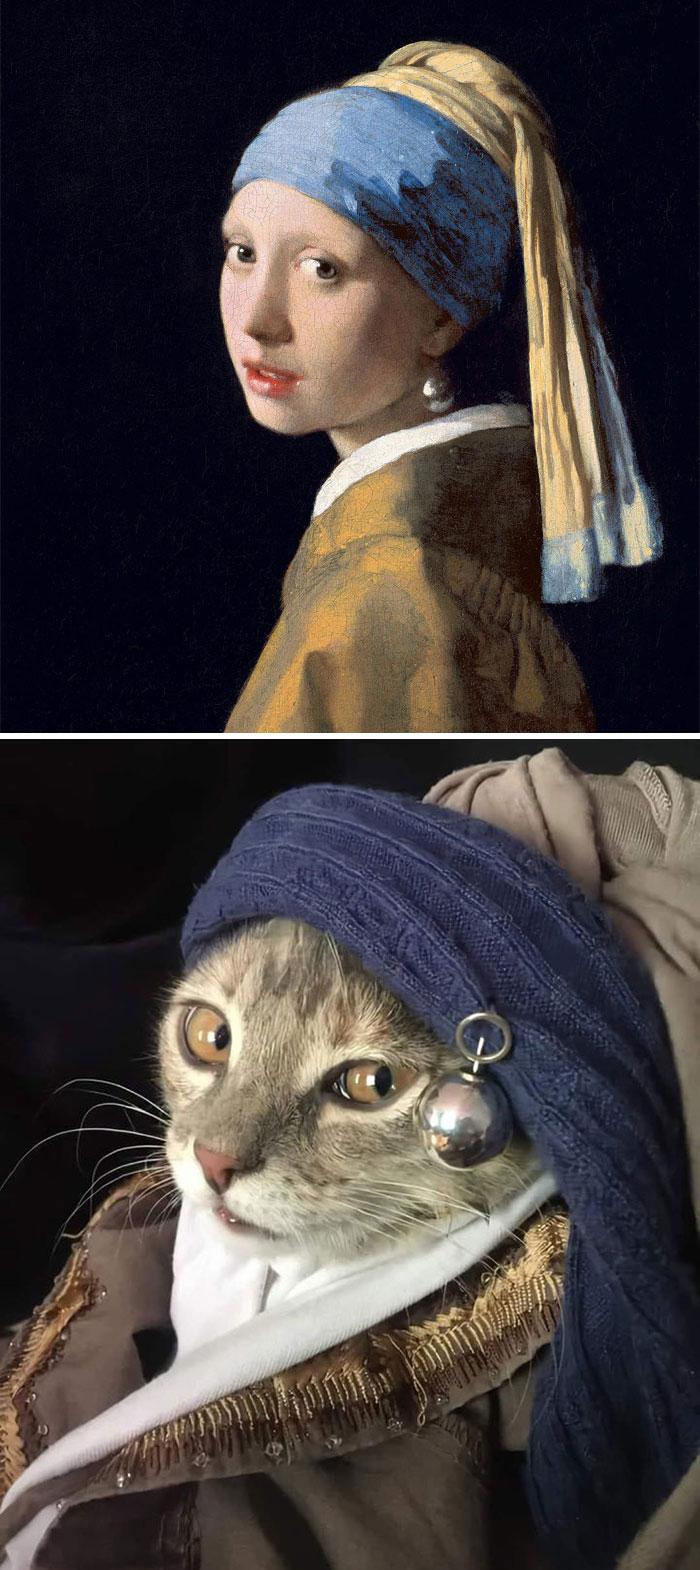 La gata de la perla